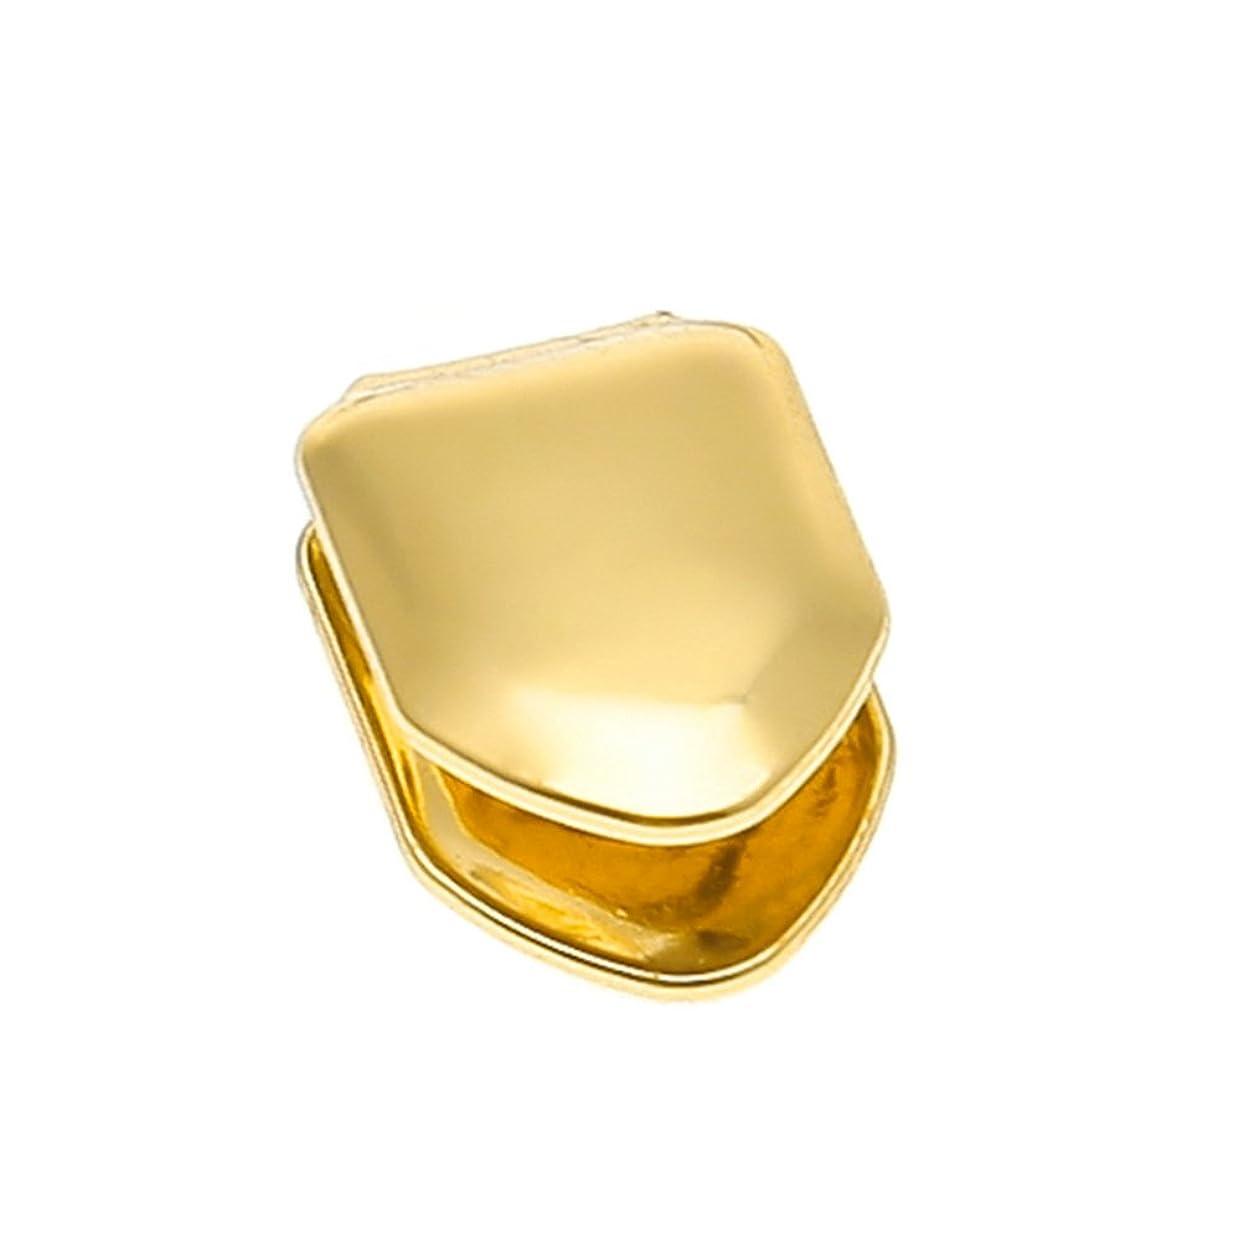 噴水不要刺すHealifty ヒップホップの歯のキャップソリッド14Kゴールドメッキの小さなシングルトゥースキャップ上下のヒップホップの歯のグリル(ゴールド)